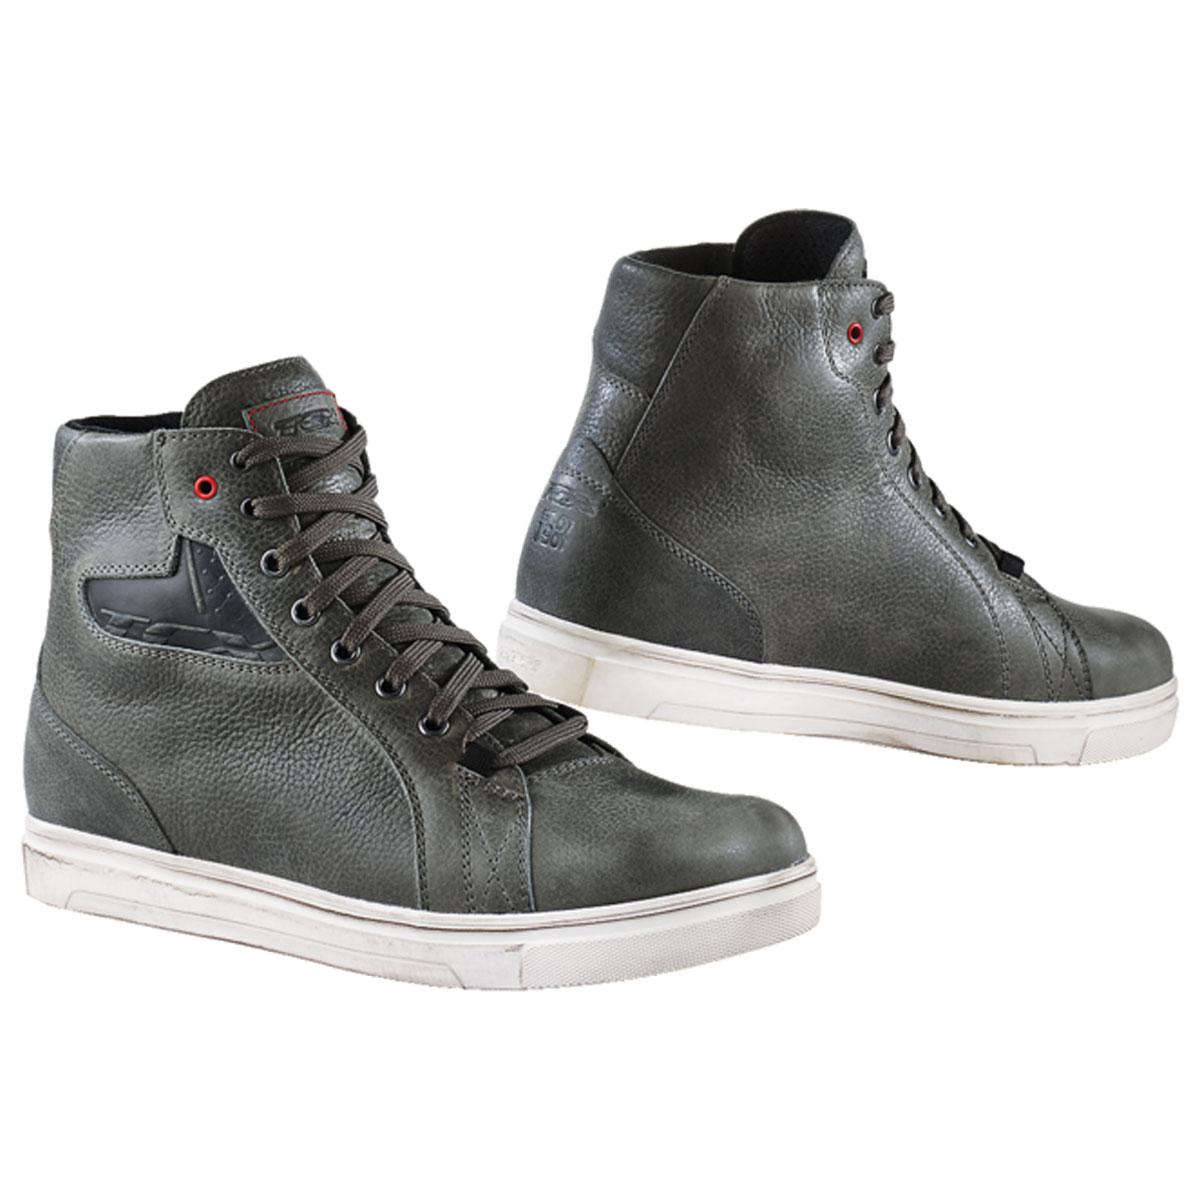 TCX Men's Street Ace Waterproof Gray Shoes